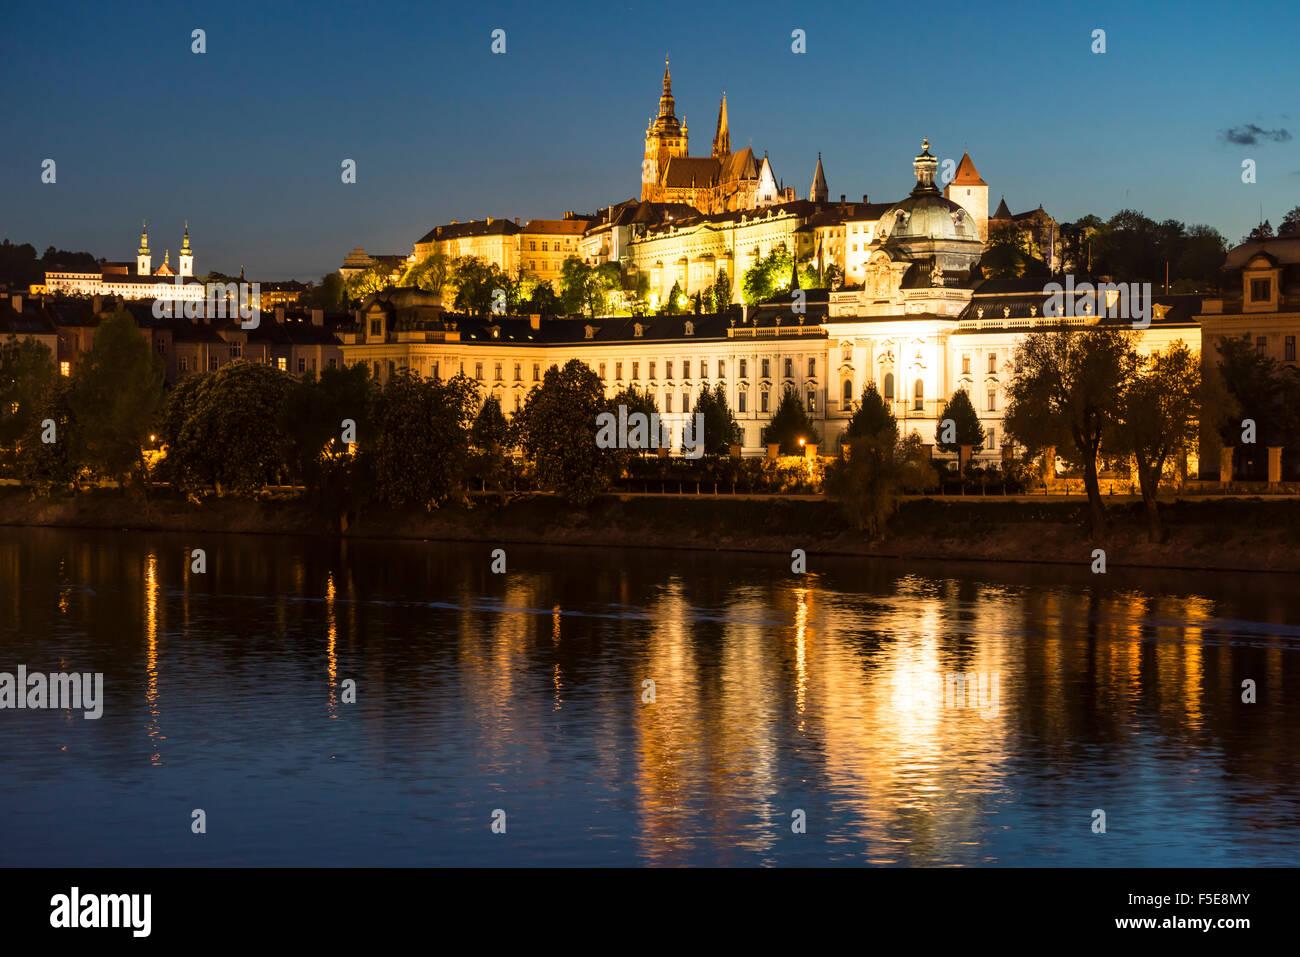 La Cathédrale Saint-Guy et Château de Prague illuminée au crépuscule, Site du patrimoine mondial Photo Stock